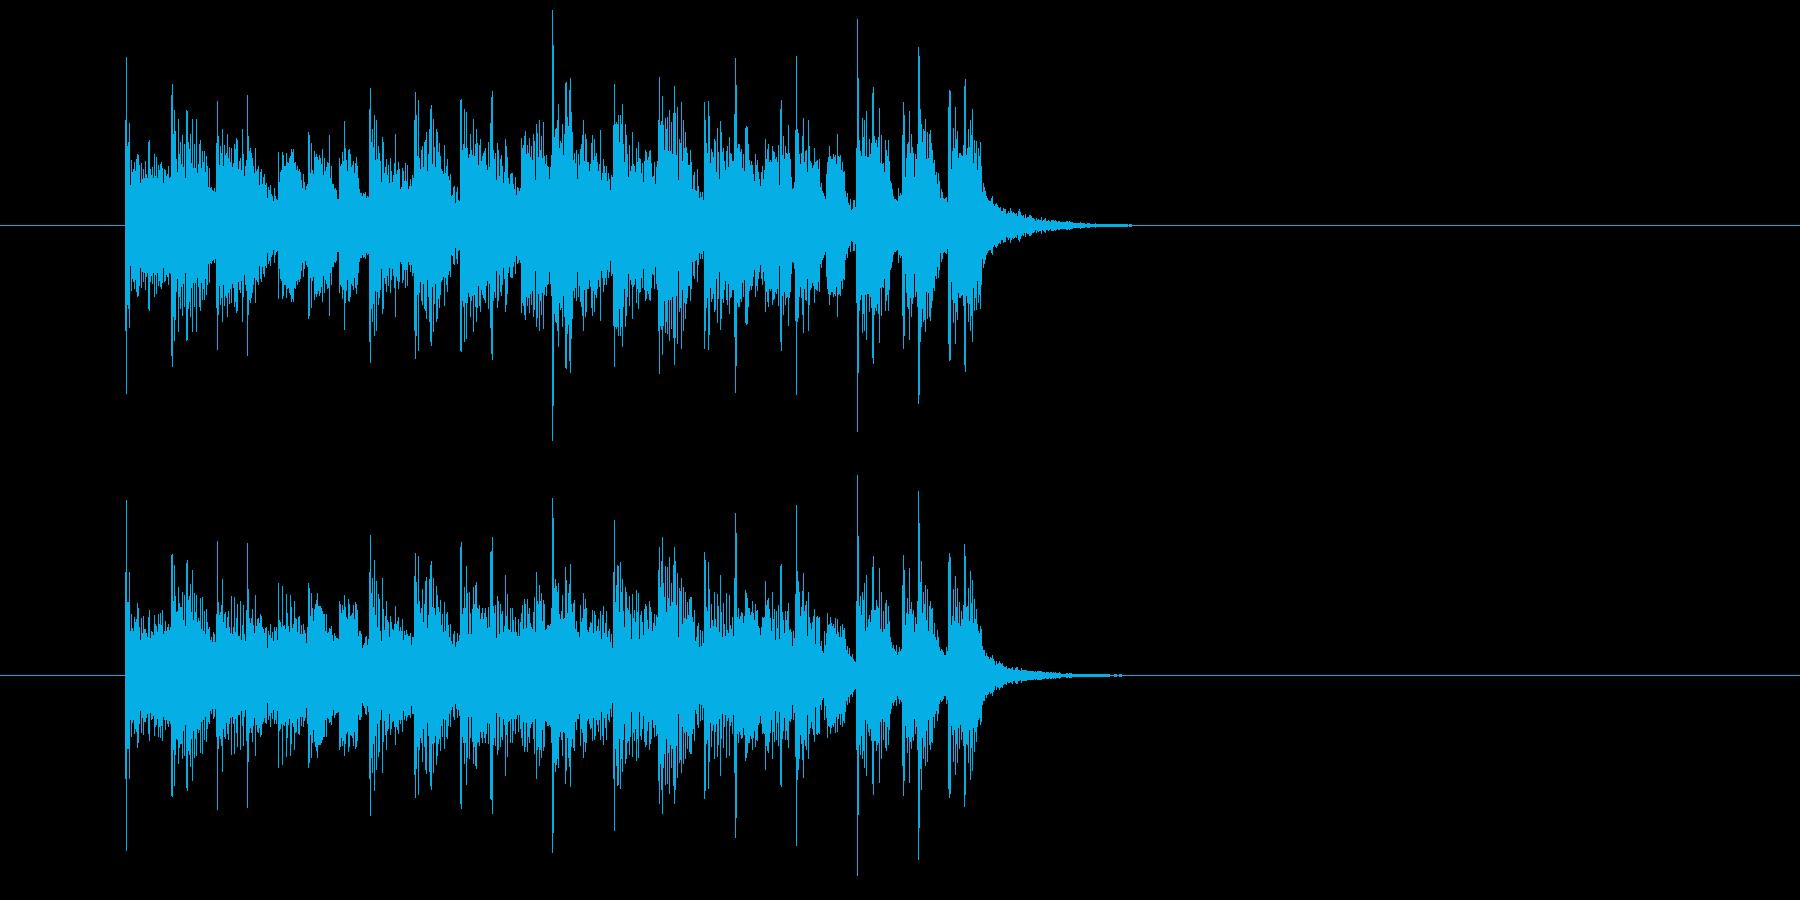 ジングル(豪快な感じ)の再生済みの波形